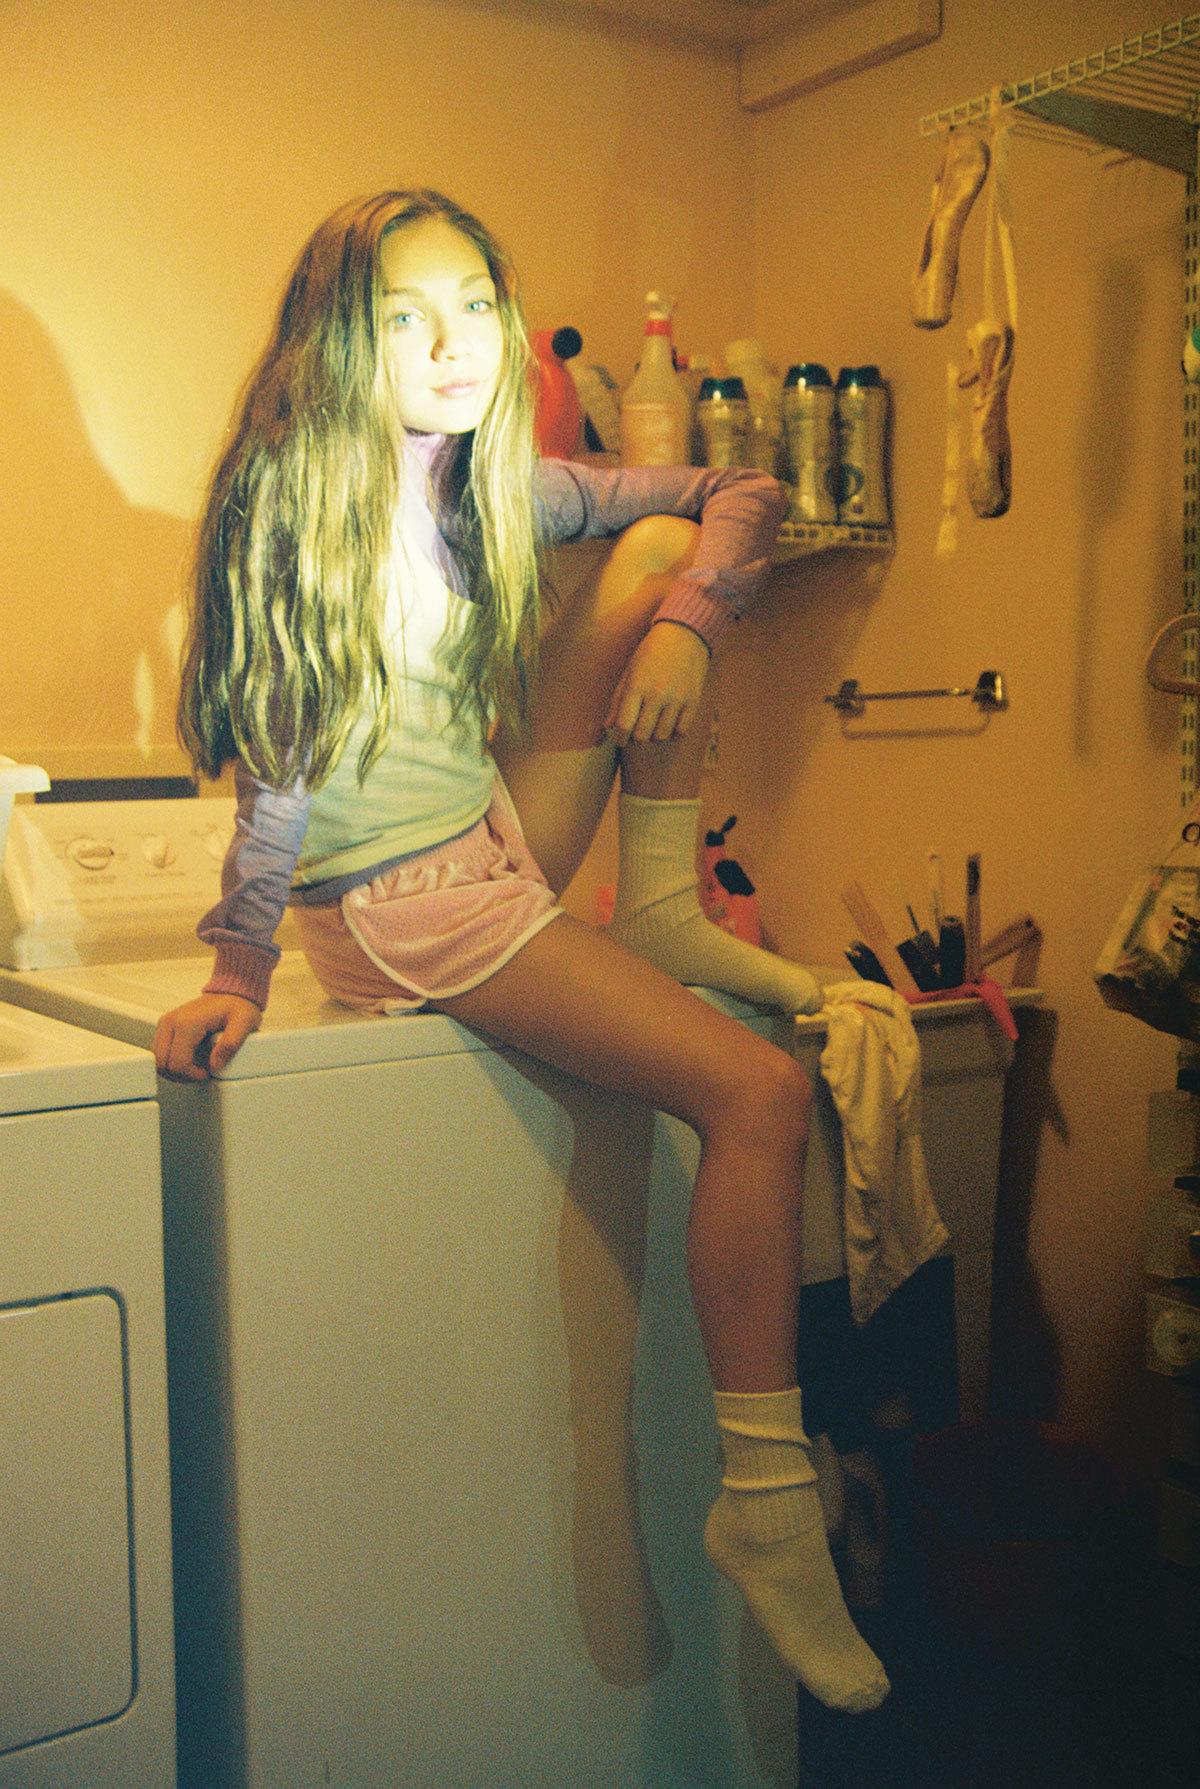 Maddie ziegler nude